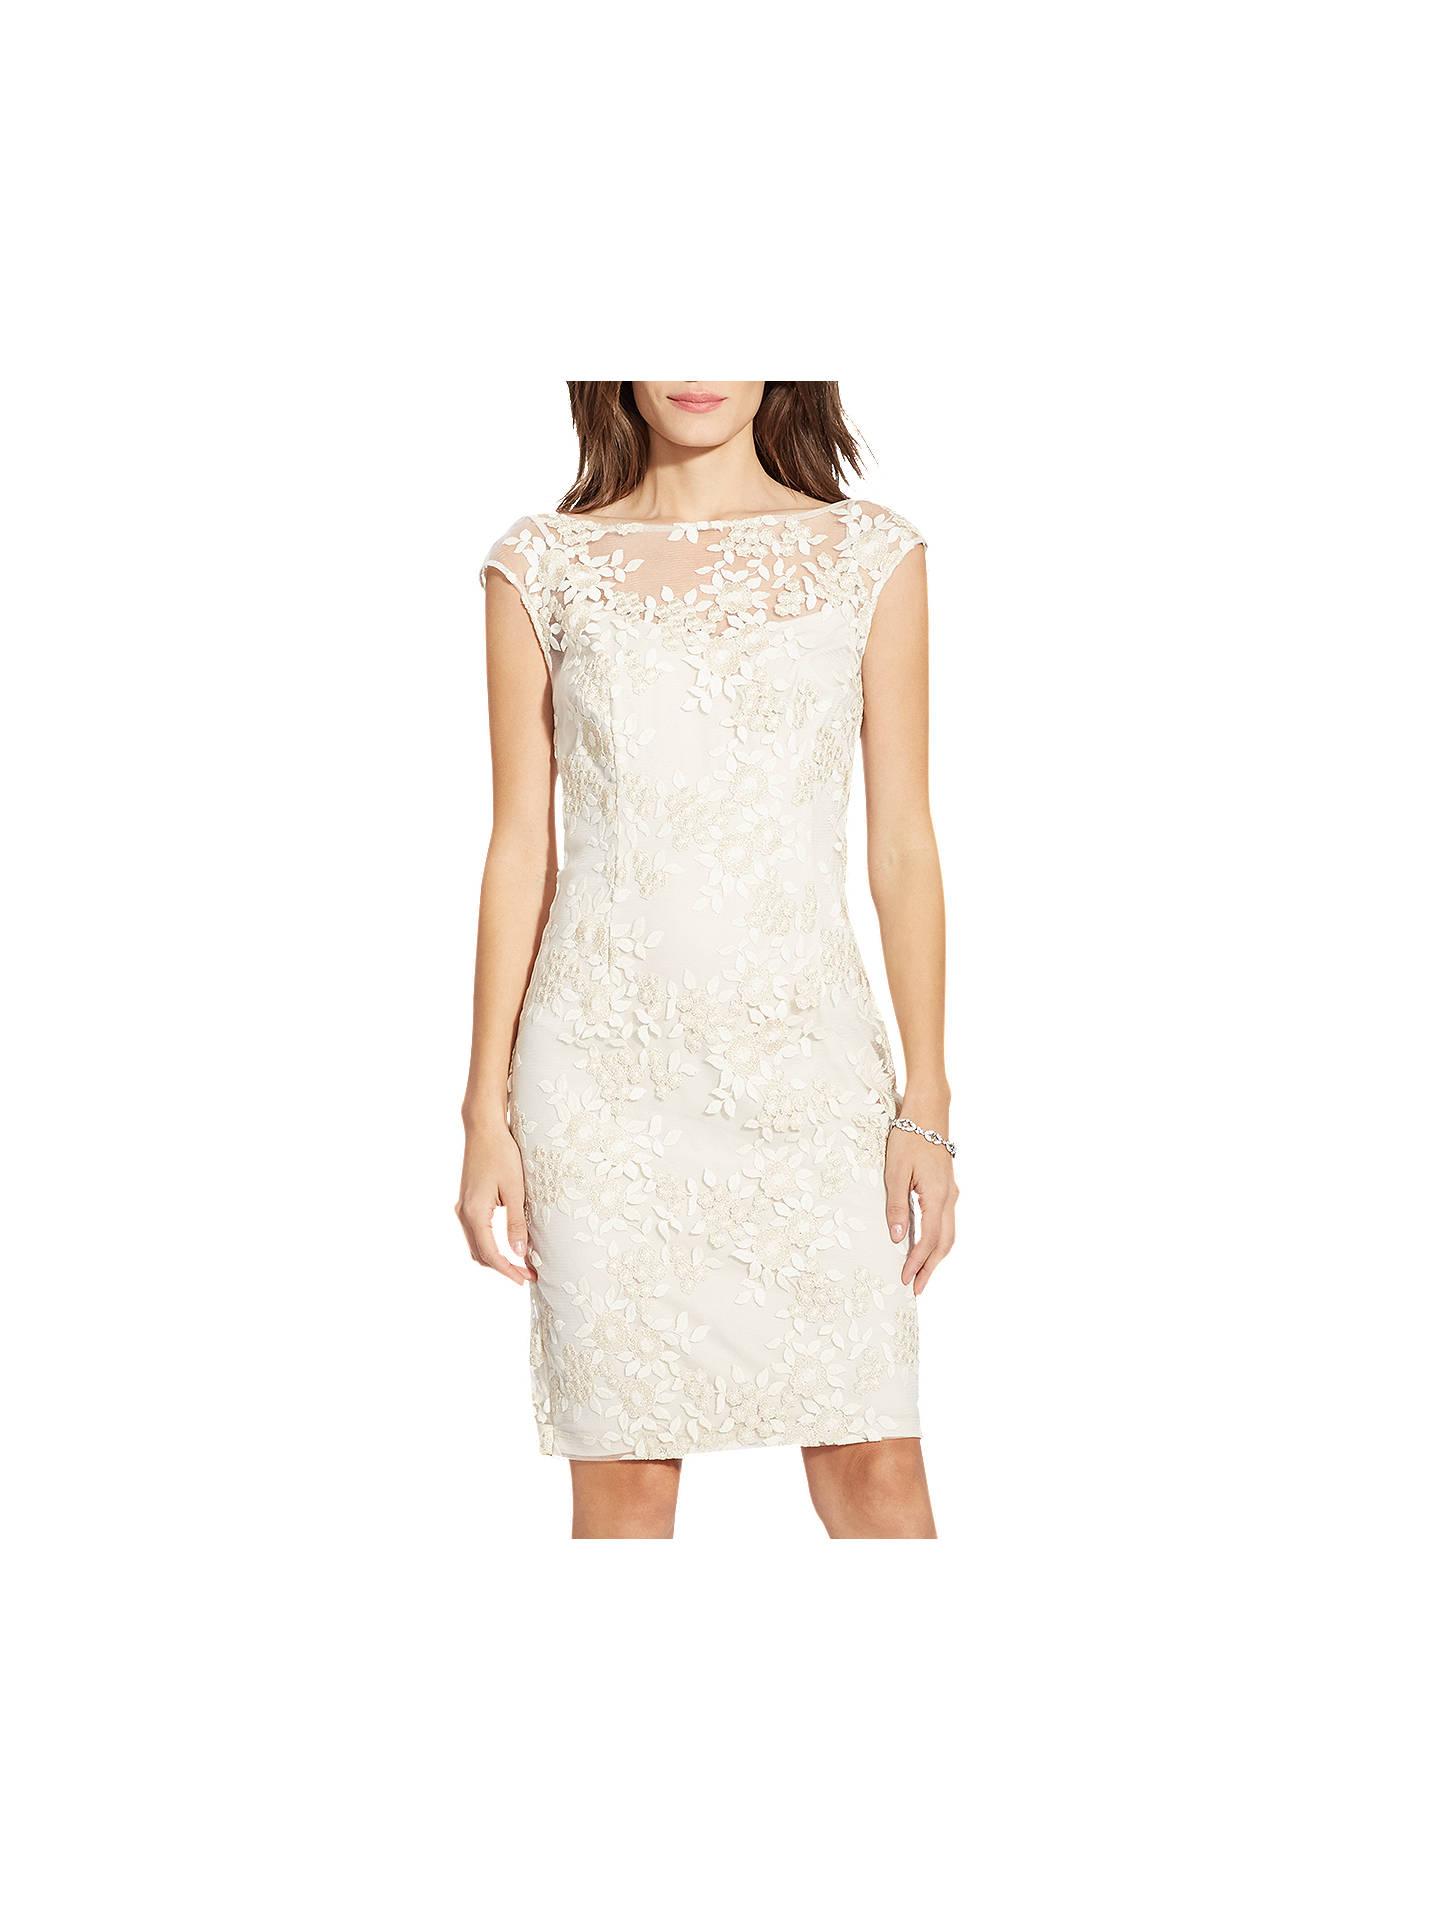 d4b3d6fc143b Buy Lauren Ralph Lauren Lace Floral Dress, Ivory/Gold, 12 Online at  johnlewis ...